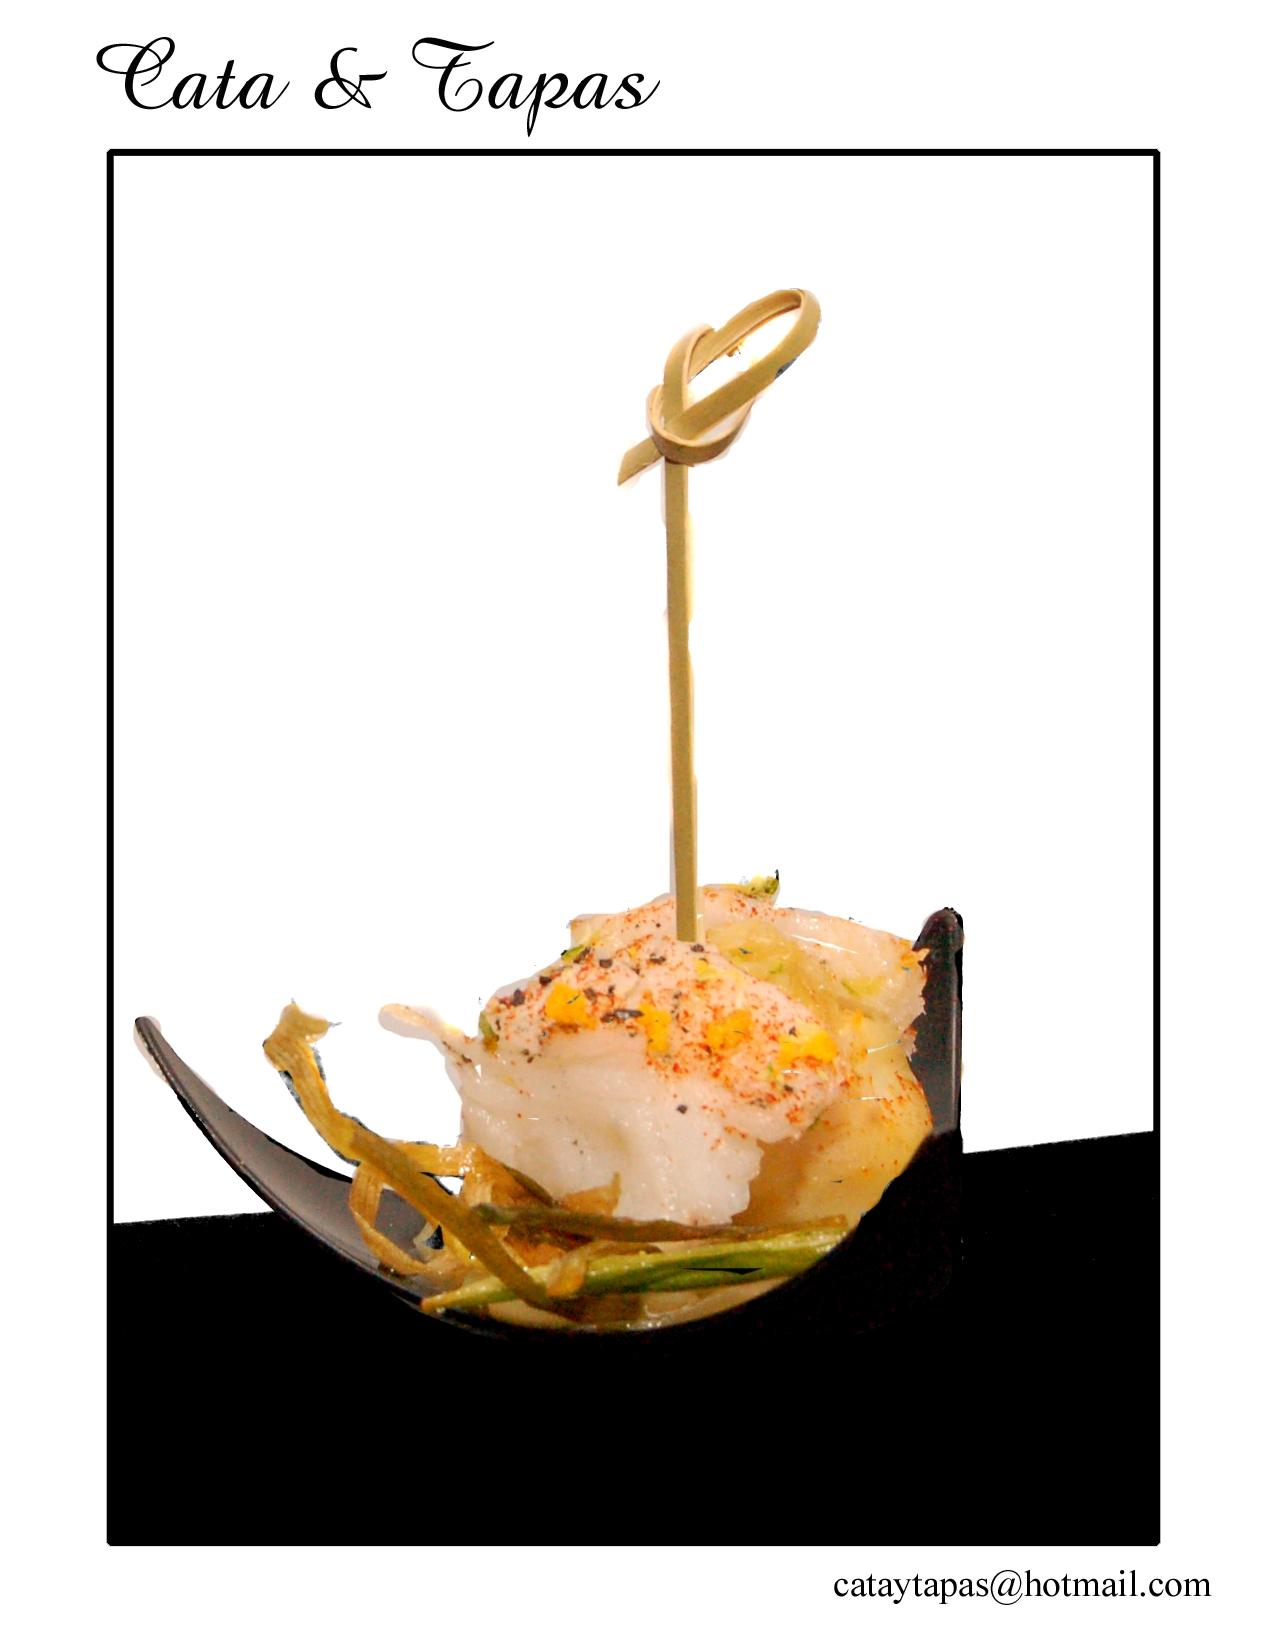 Tenerife Dining Eventos: Algunas fotos de ambiente de la Cata y Maridaje de Plata y Oro organizado por Cata & Tapas en Ecade restaurante, el pasado 2 de octubre 2010. […]